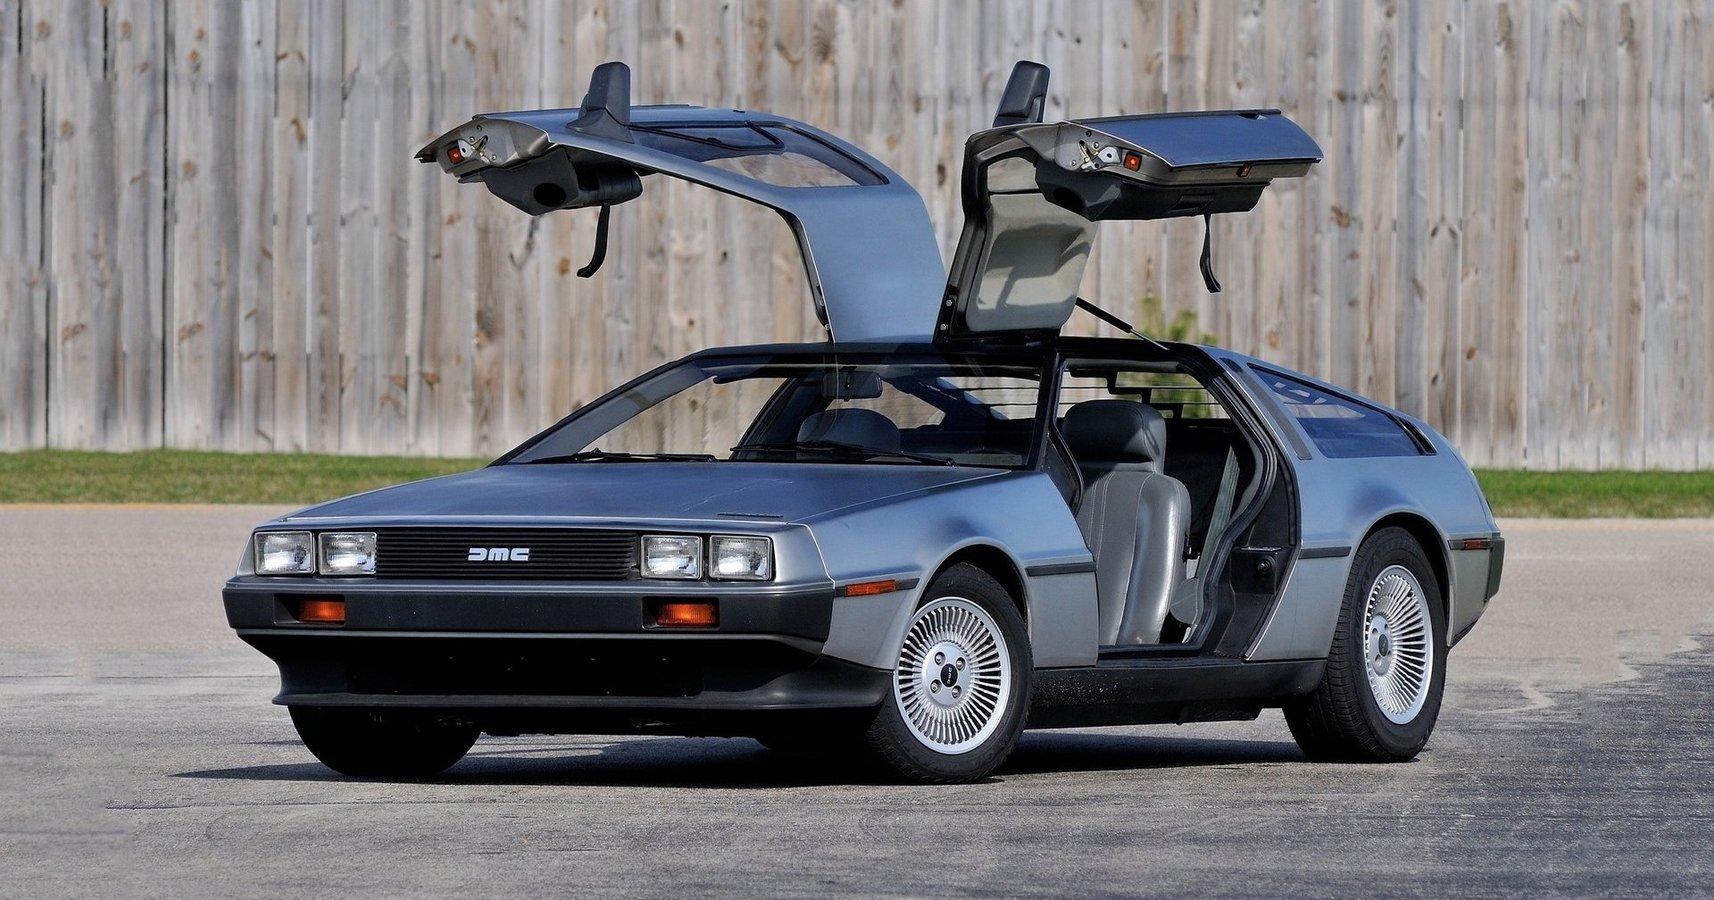 У легендарного DeLorean DMC-12 з'явився шанс на реінкарнацію в нашому часі